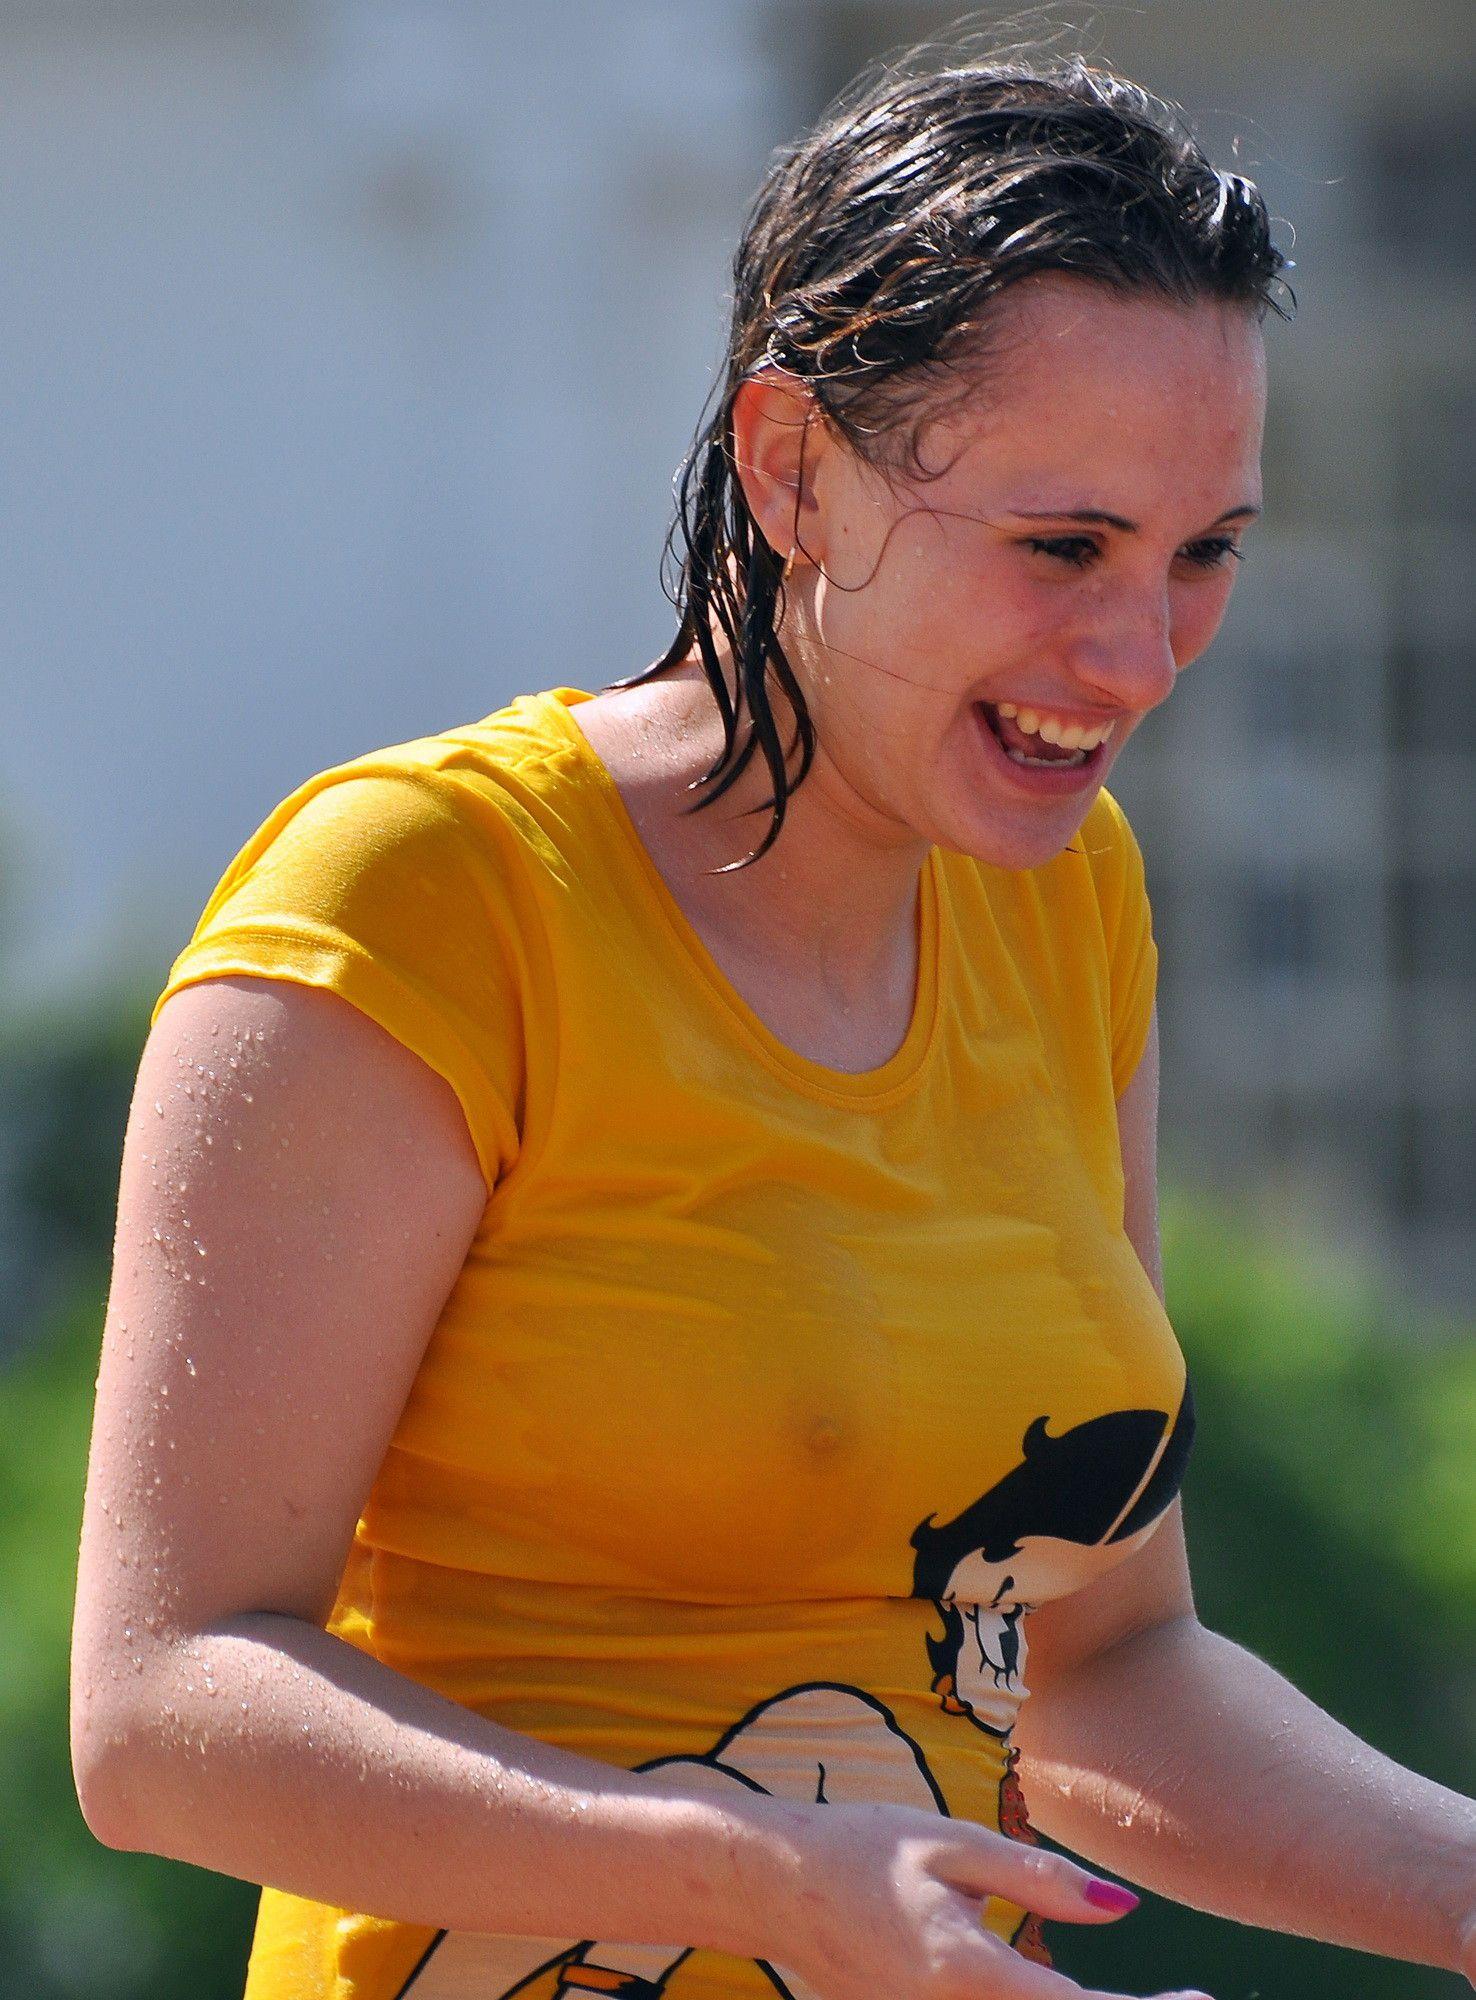 【海外エロ画像】ノーブラにシャツ1枚で濡れるから…乳首浮き透けお姉さんたちwww 23